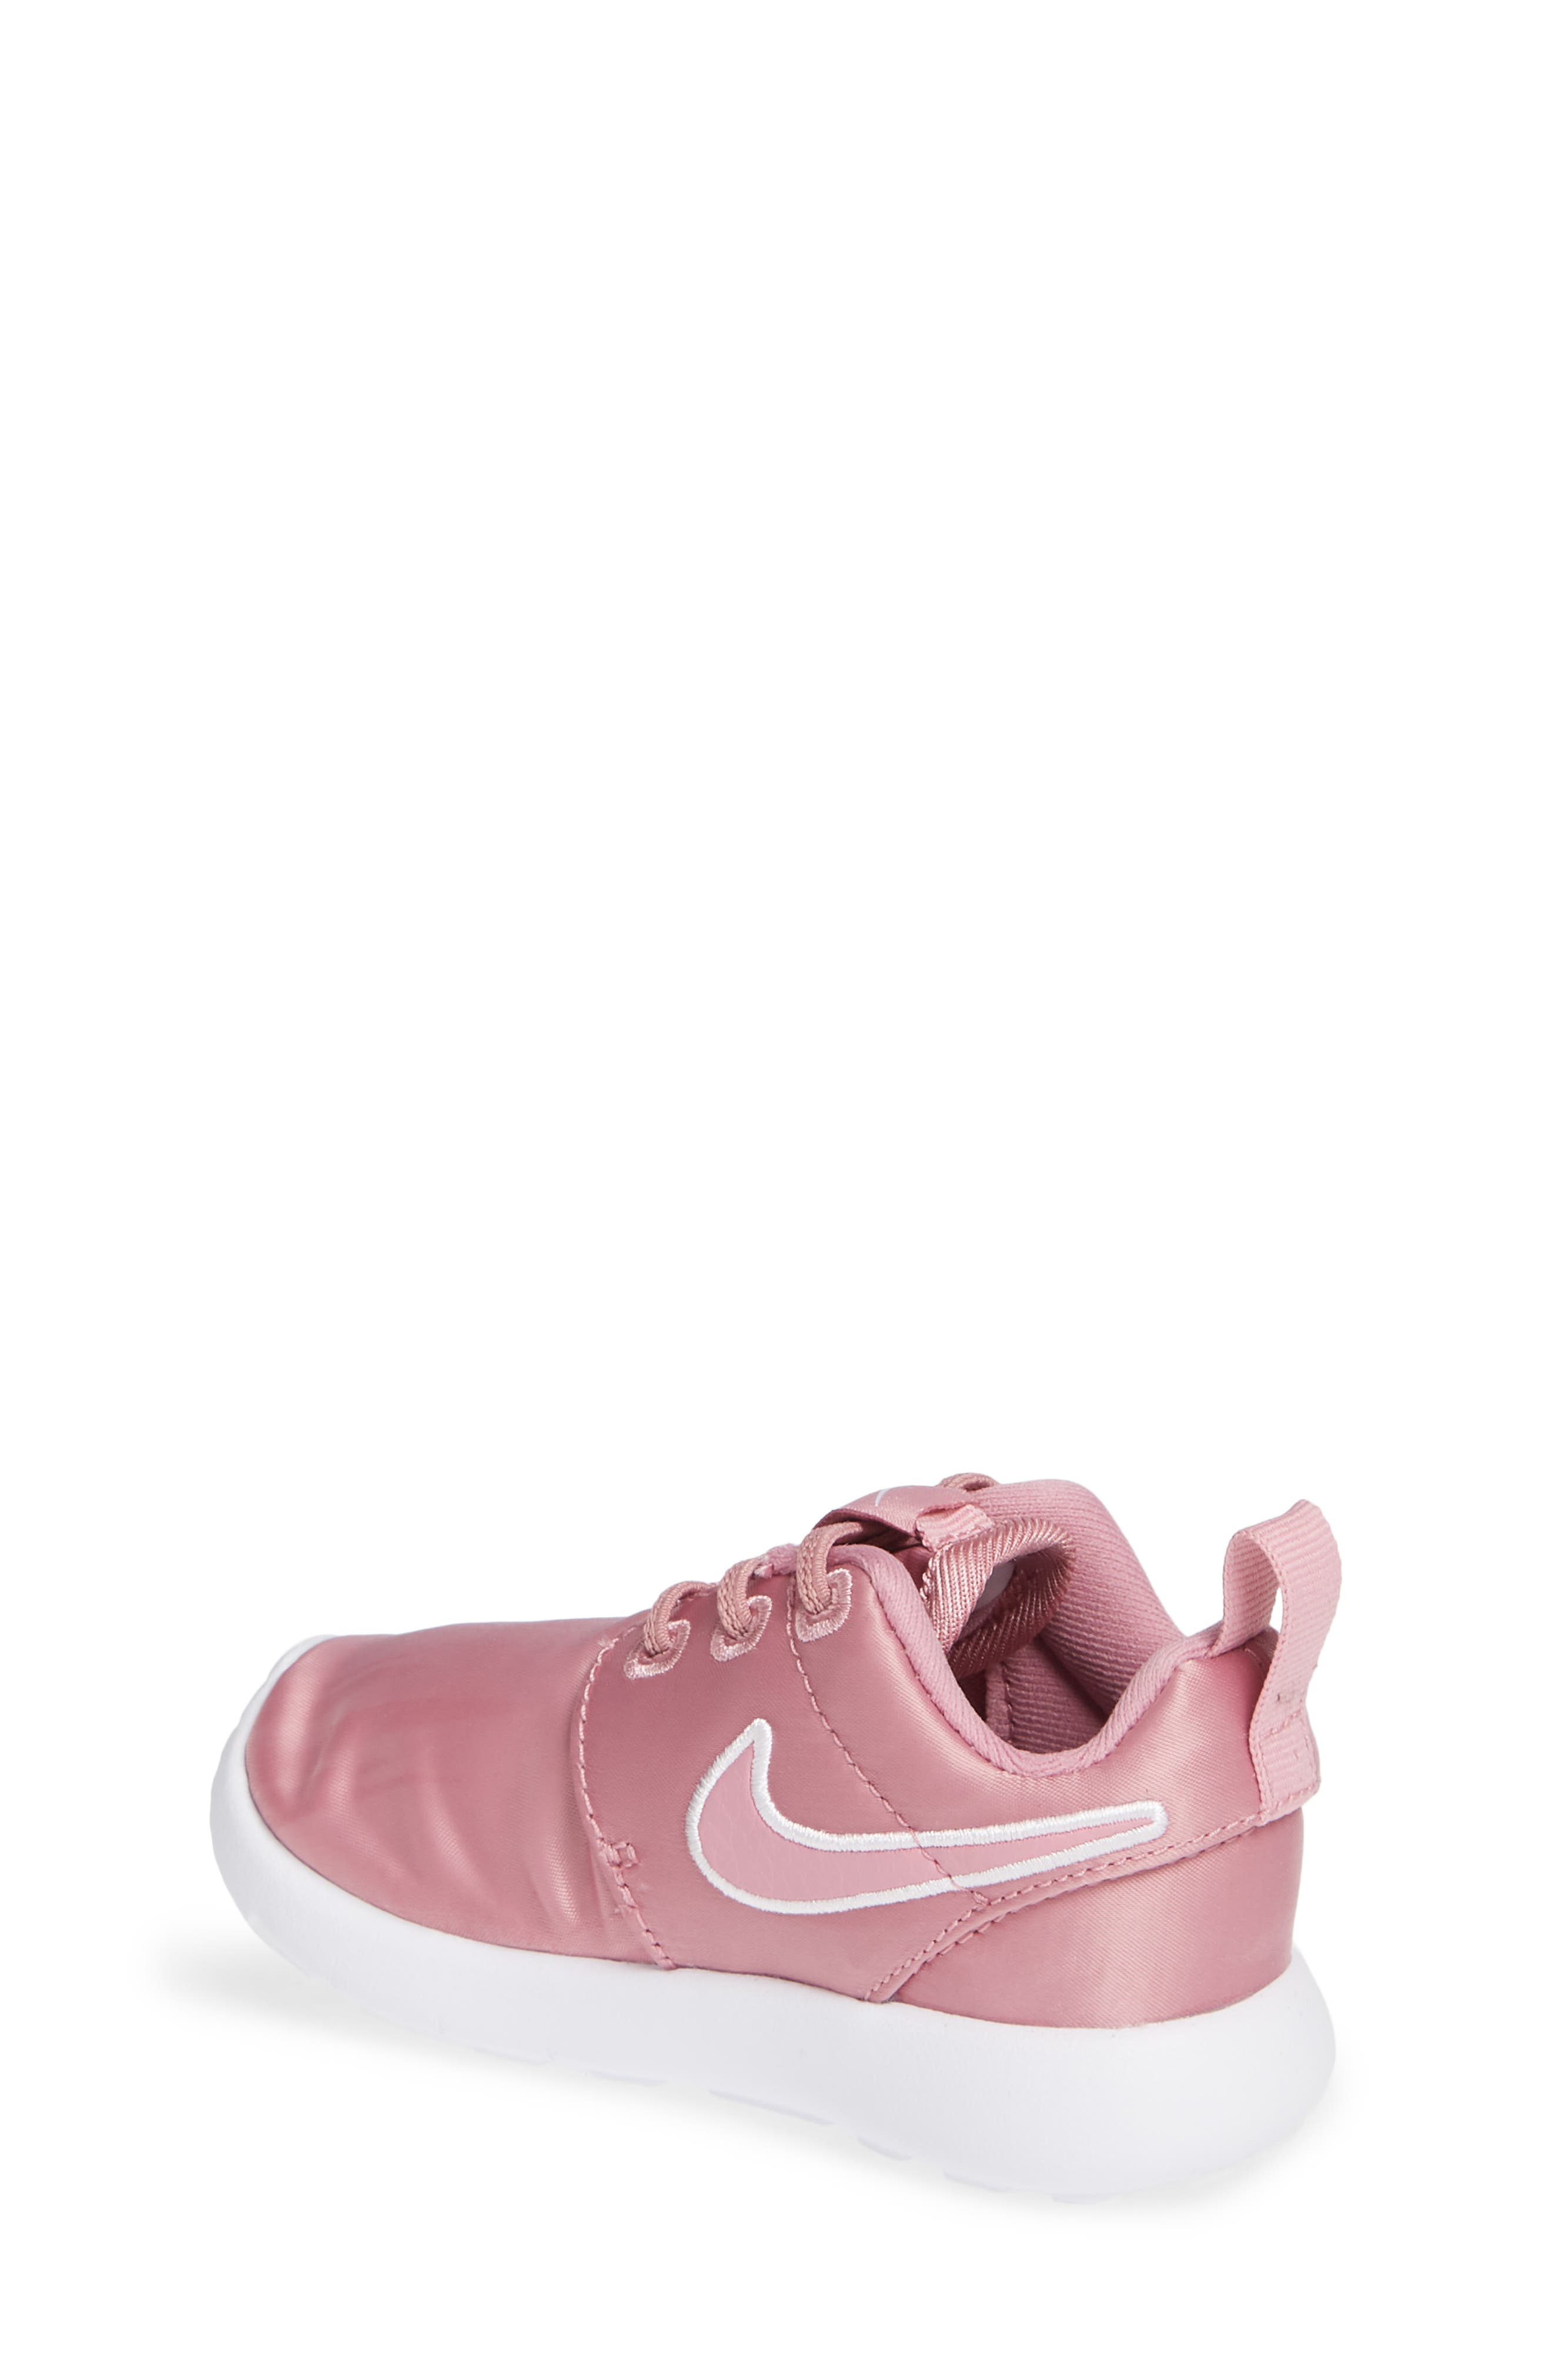 Roshe Run Sneaker,                             Alternate thumbnail 2, color,                             ELEMENTAL PINK/ PINK-WHITE